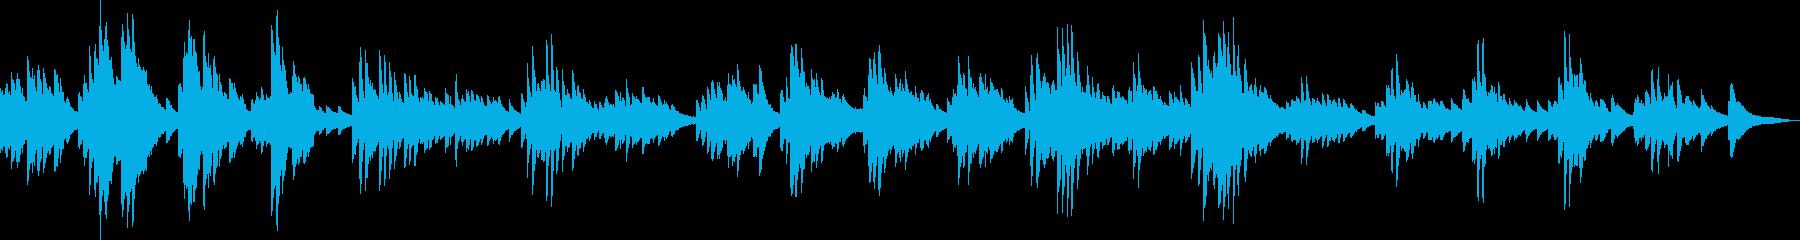 趣のある和風なピアノ曲の再生済みの波形